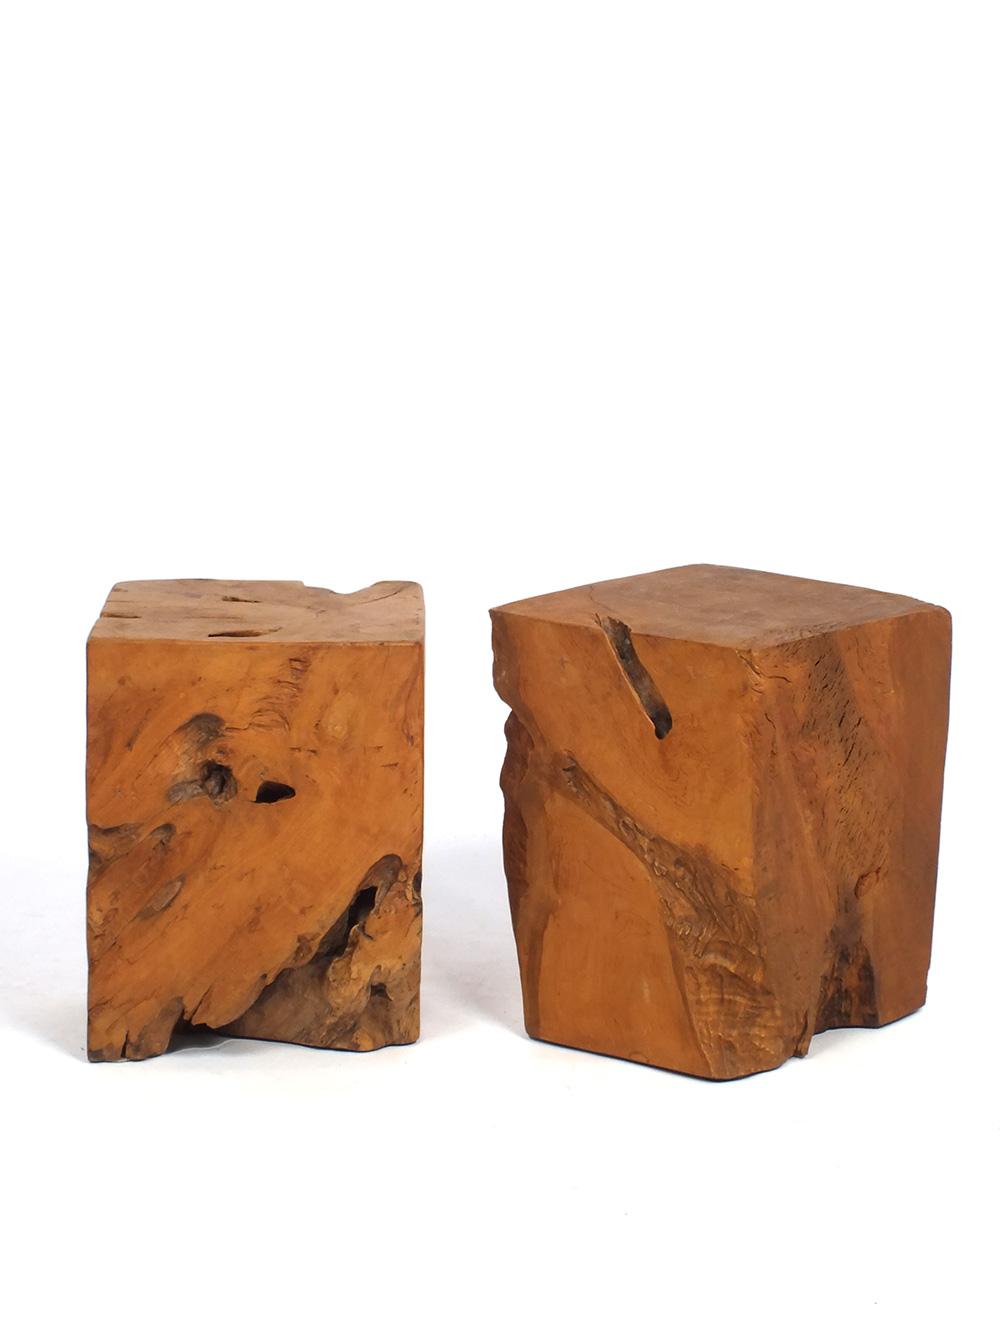 Massief Houten Blok Bijzettafel.Kruk Bijzettafel Massief Houten Blok